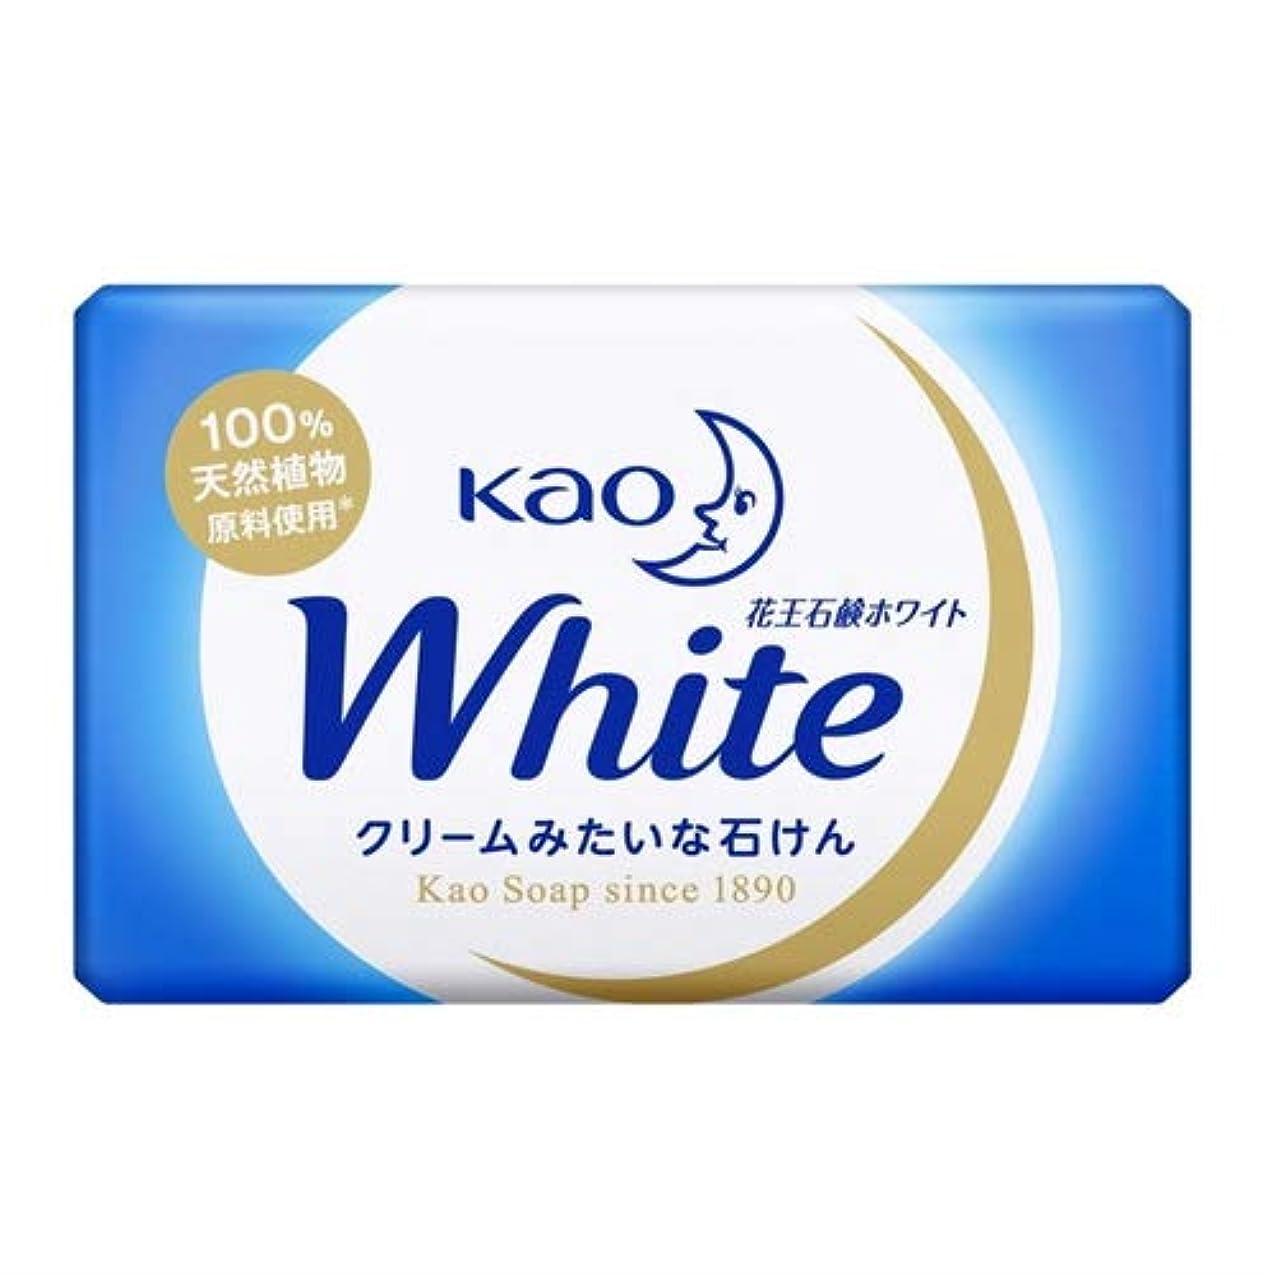 花王石鹸ホワイト 業務用ミニサイズ 15g × 10個セット